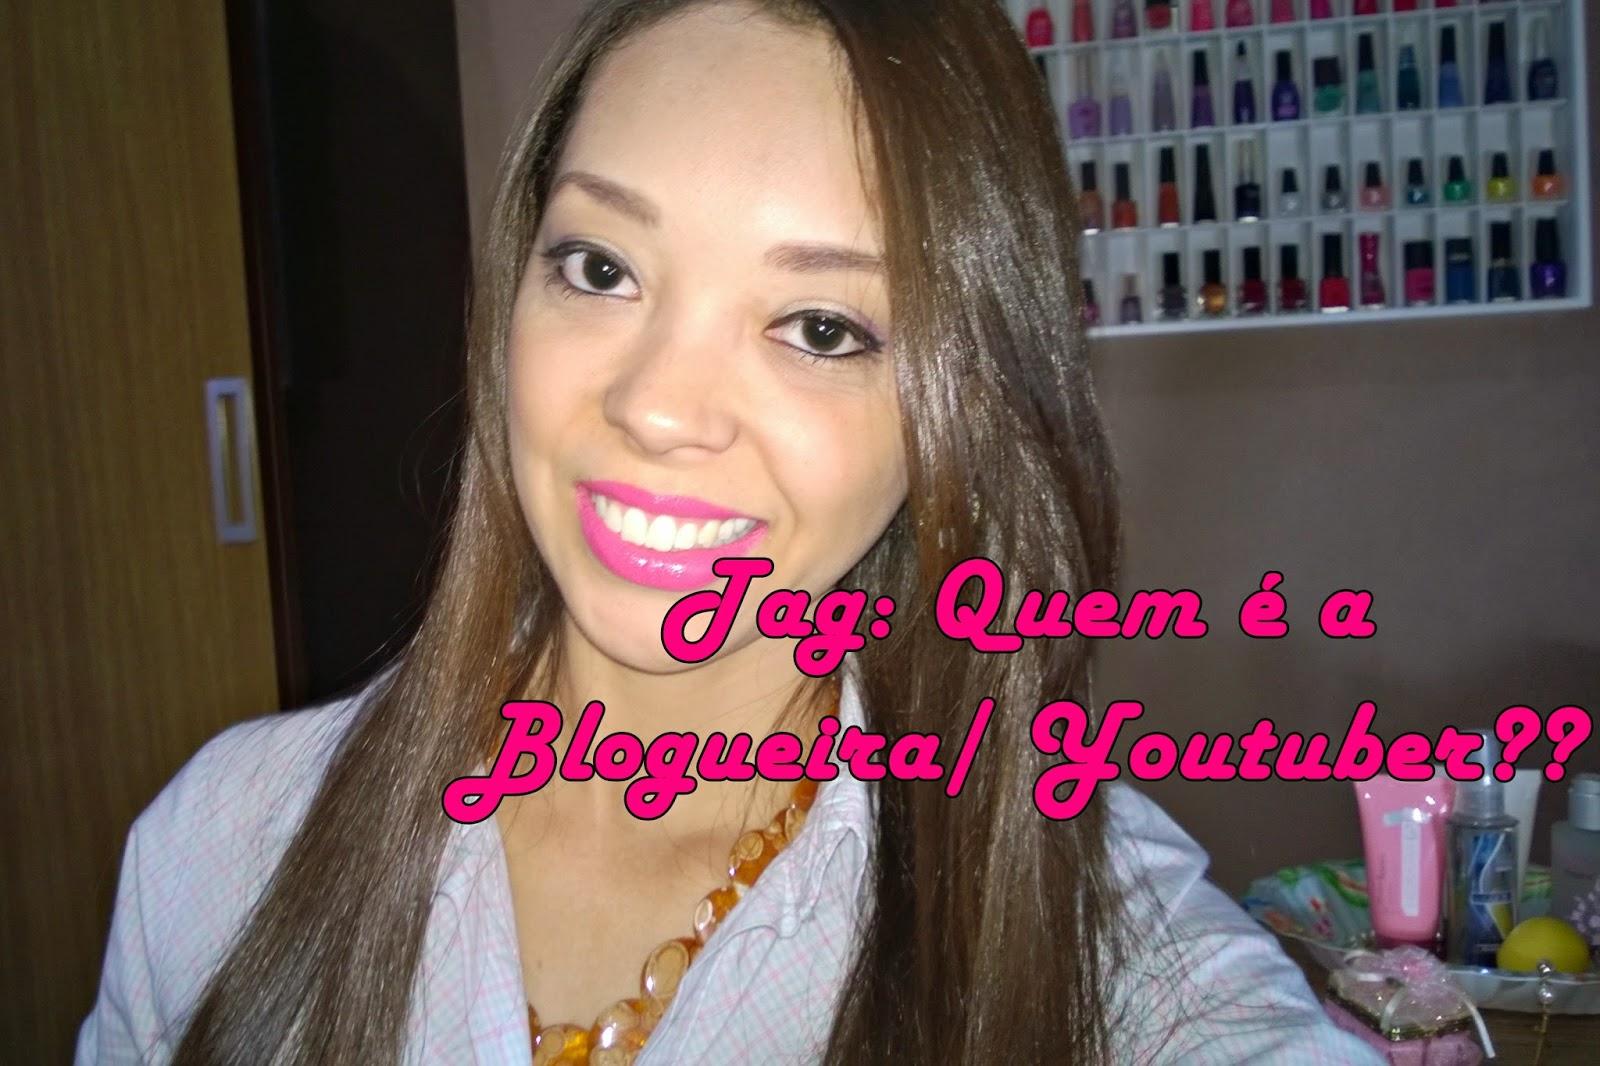 Quem é a Blogueira/Youtuber?